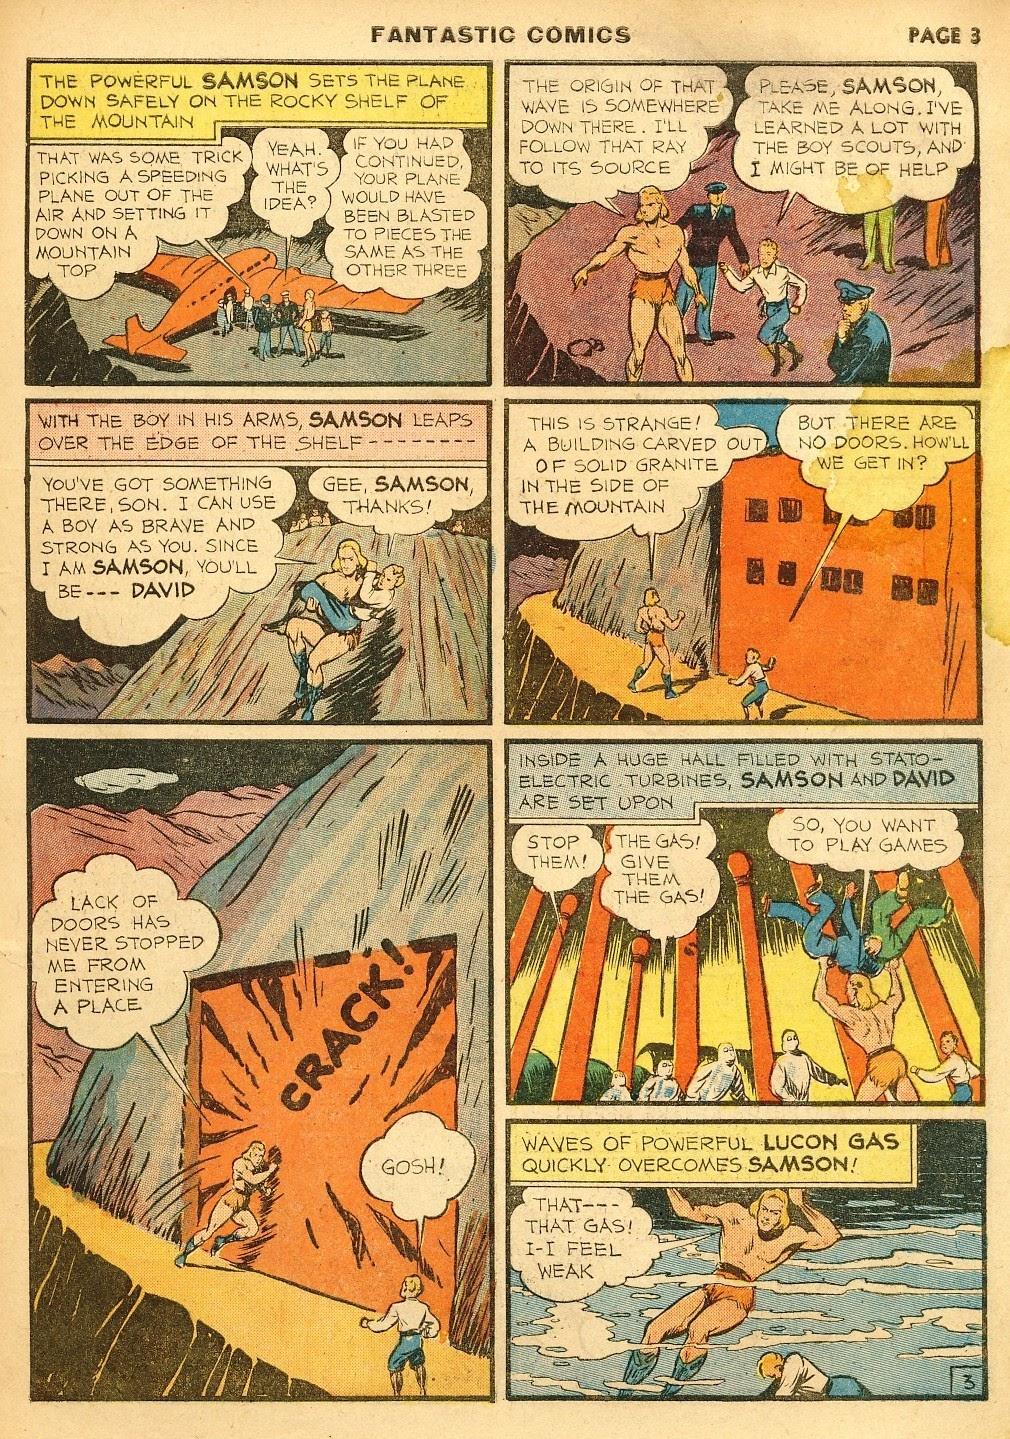 Read online Fantastic Comics comic -  Issue #10 - 4